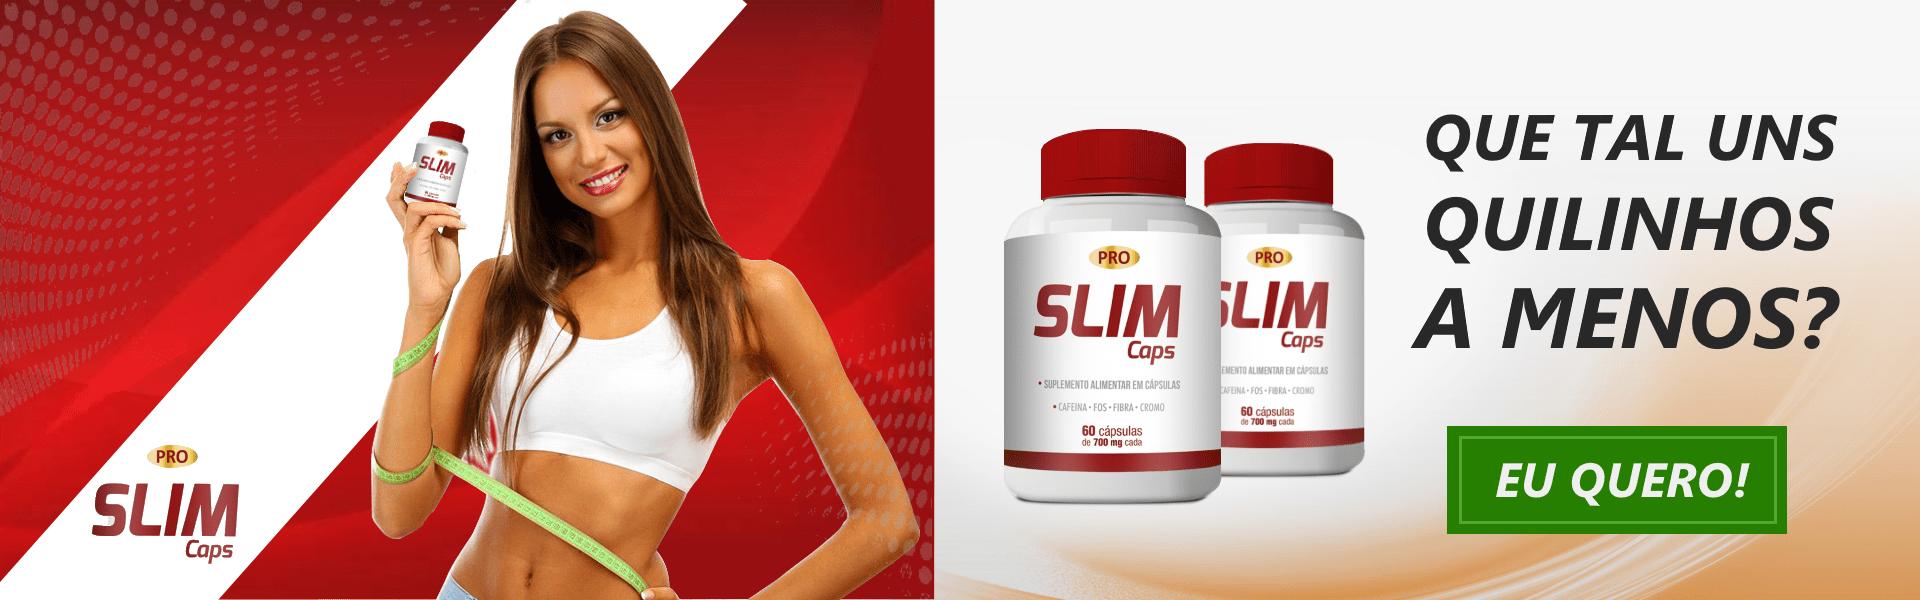 Slim Caps - Full inicial